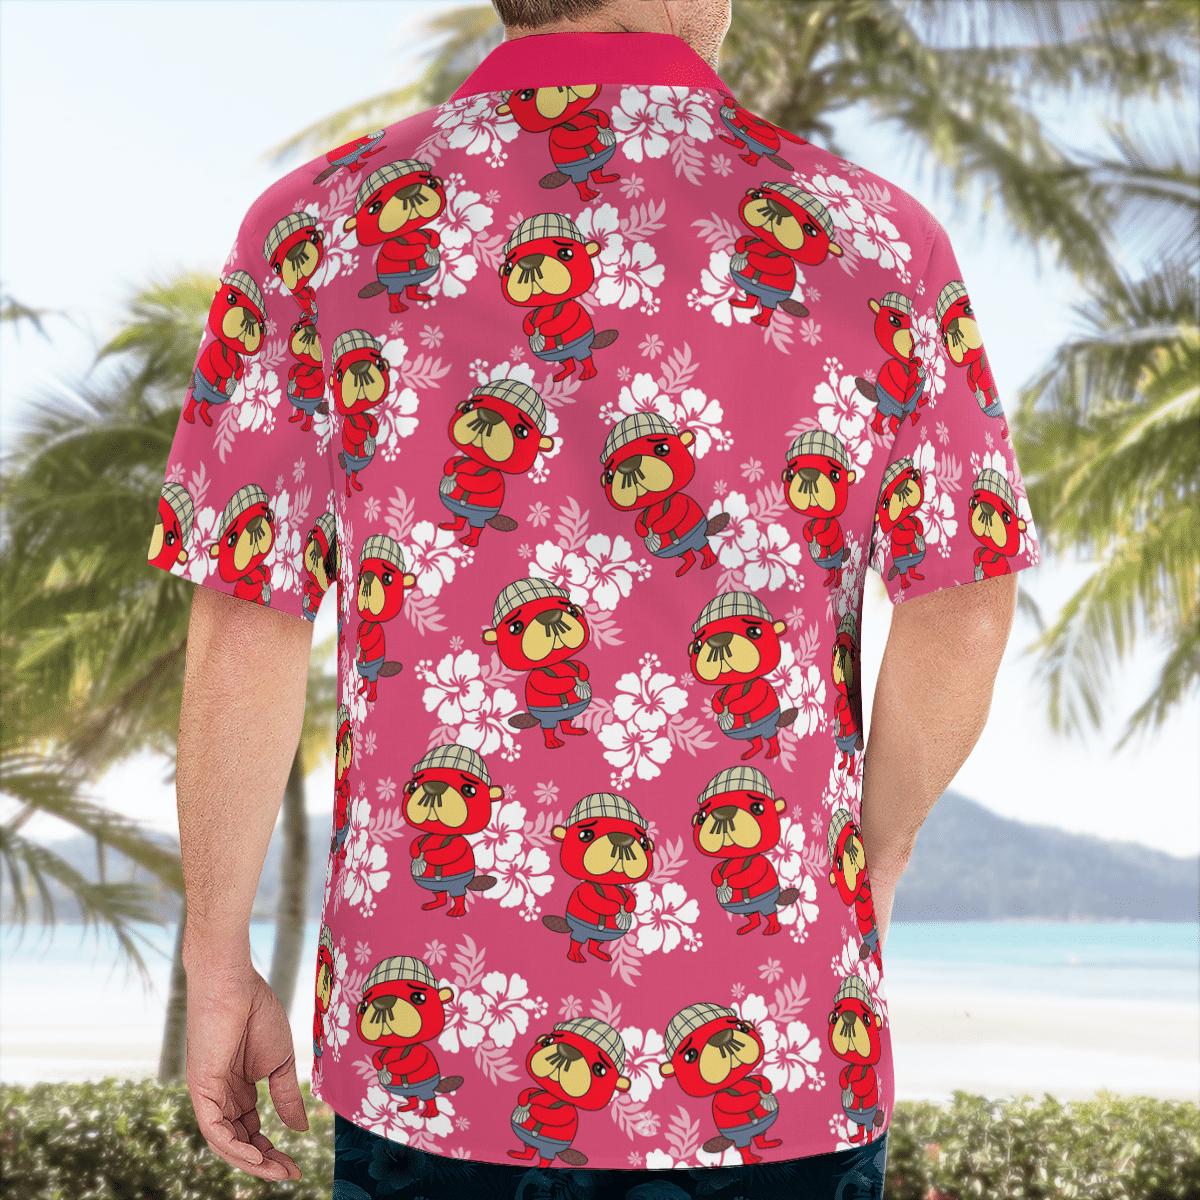 Pascal Scallop Hawaiian shirt - LIMITED EDITION